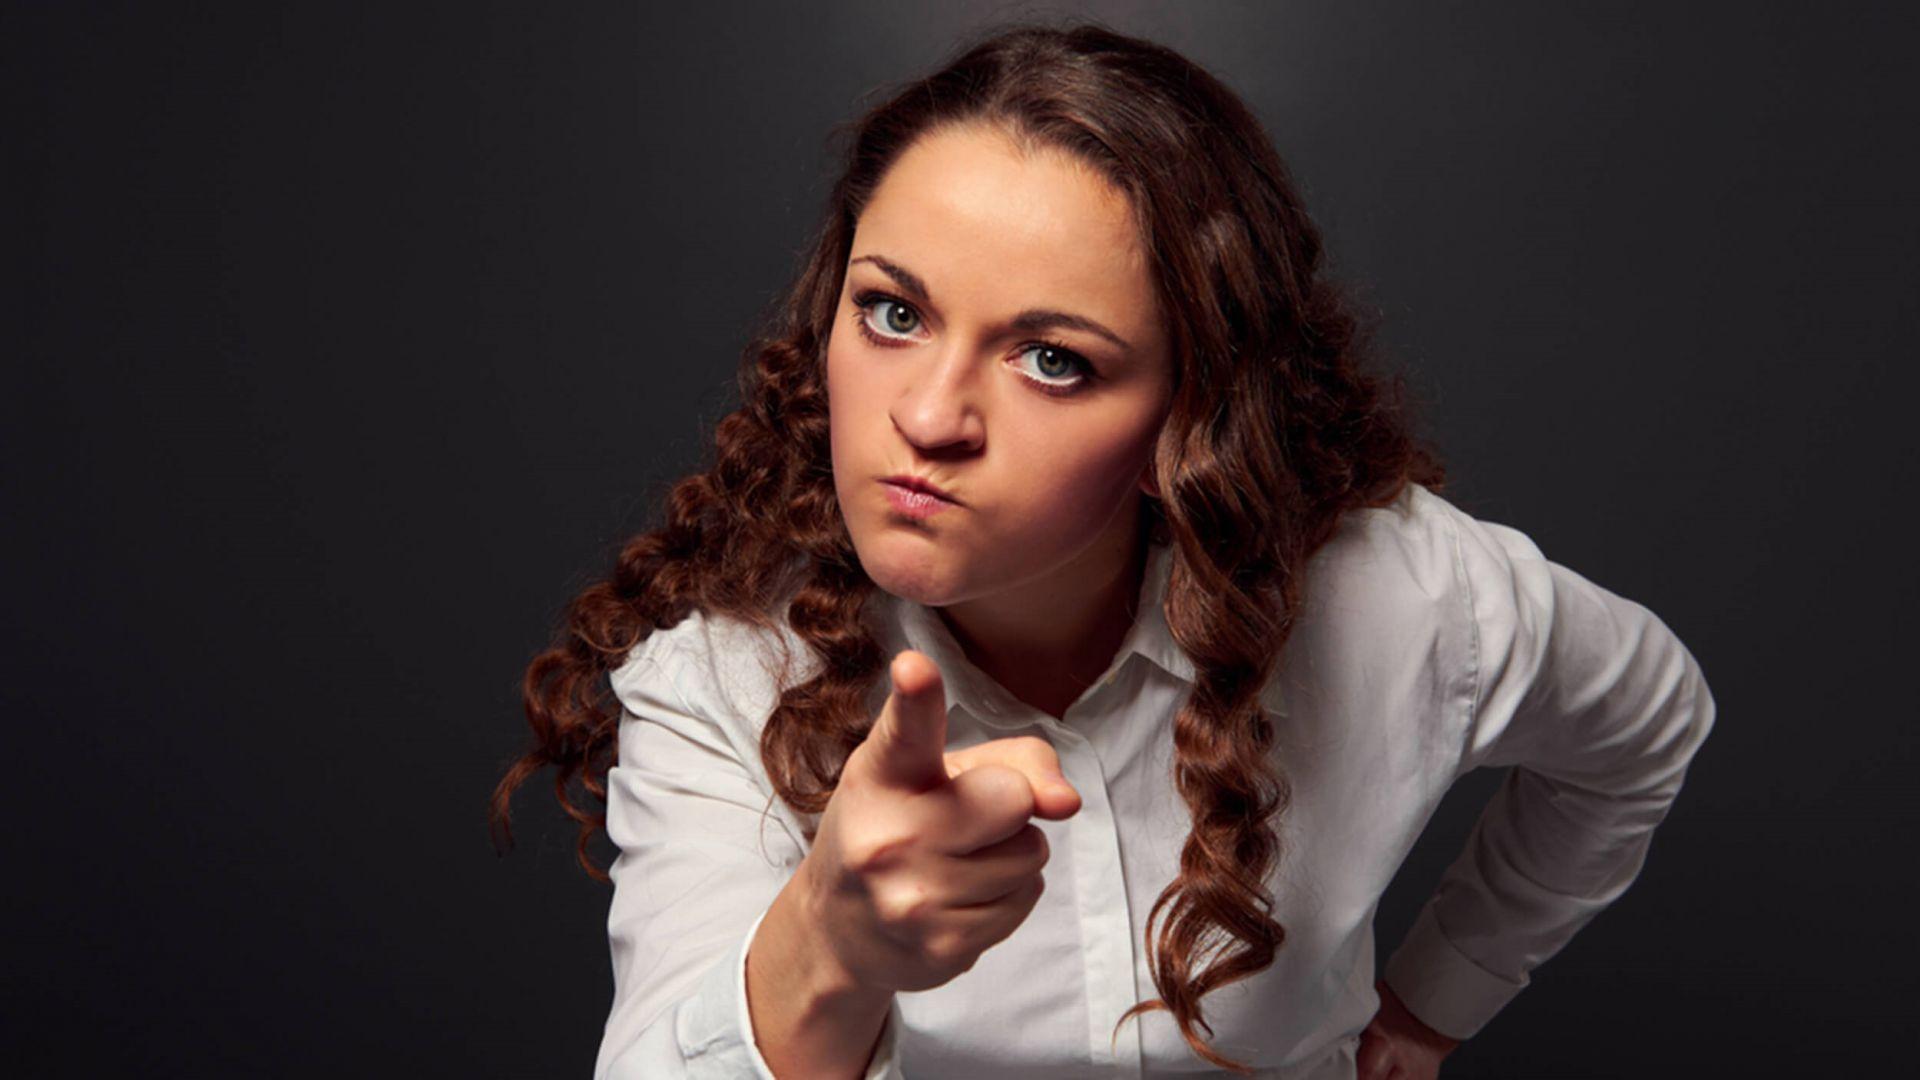 Anak Muda Cenderung Tidak Bisa Kendalikan Emosi. Benarkah?